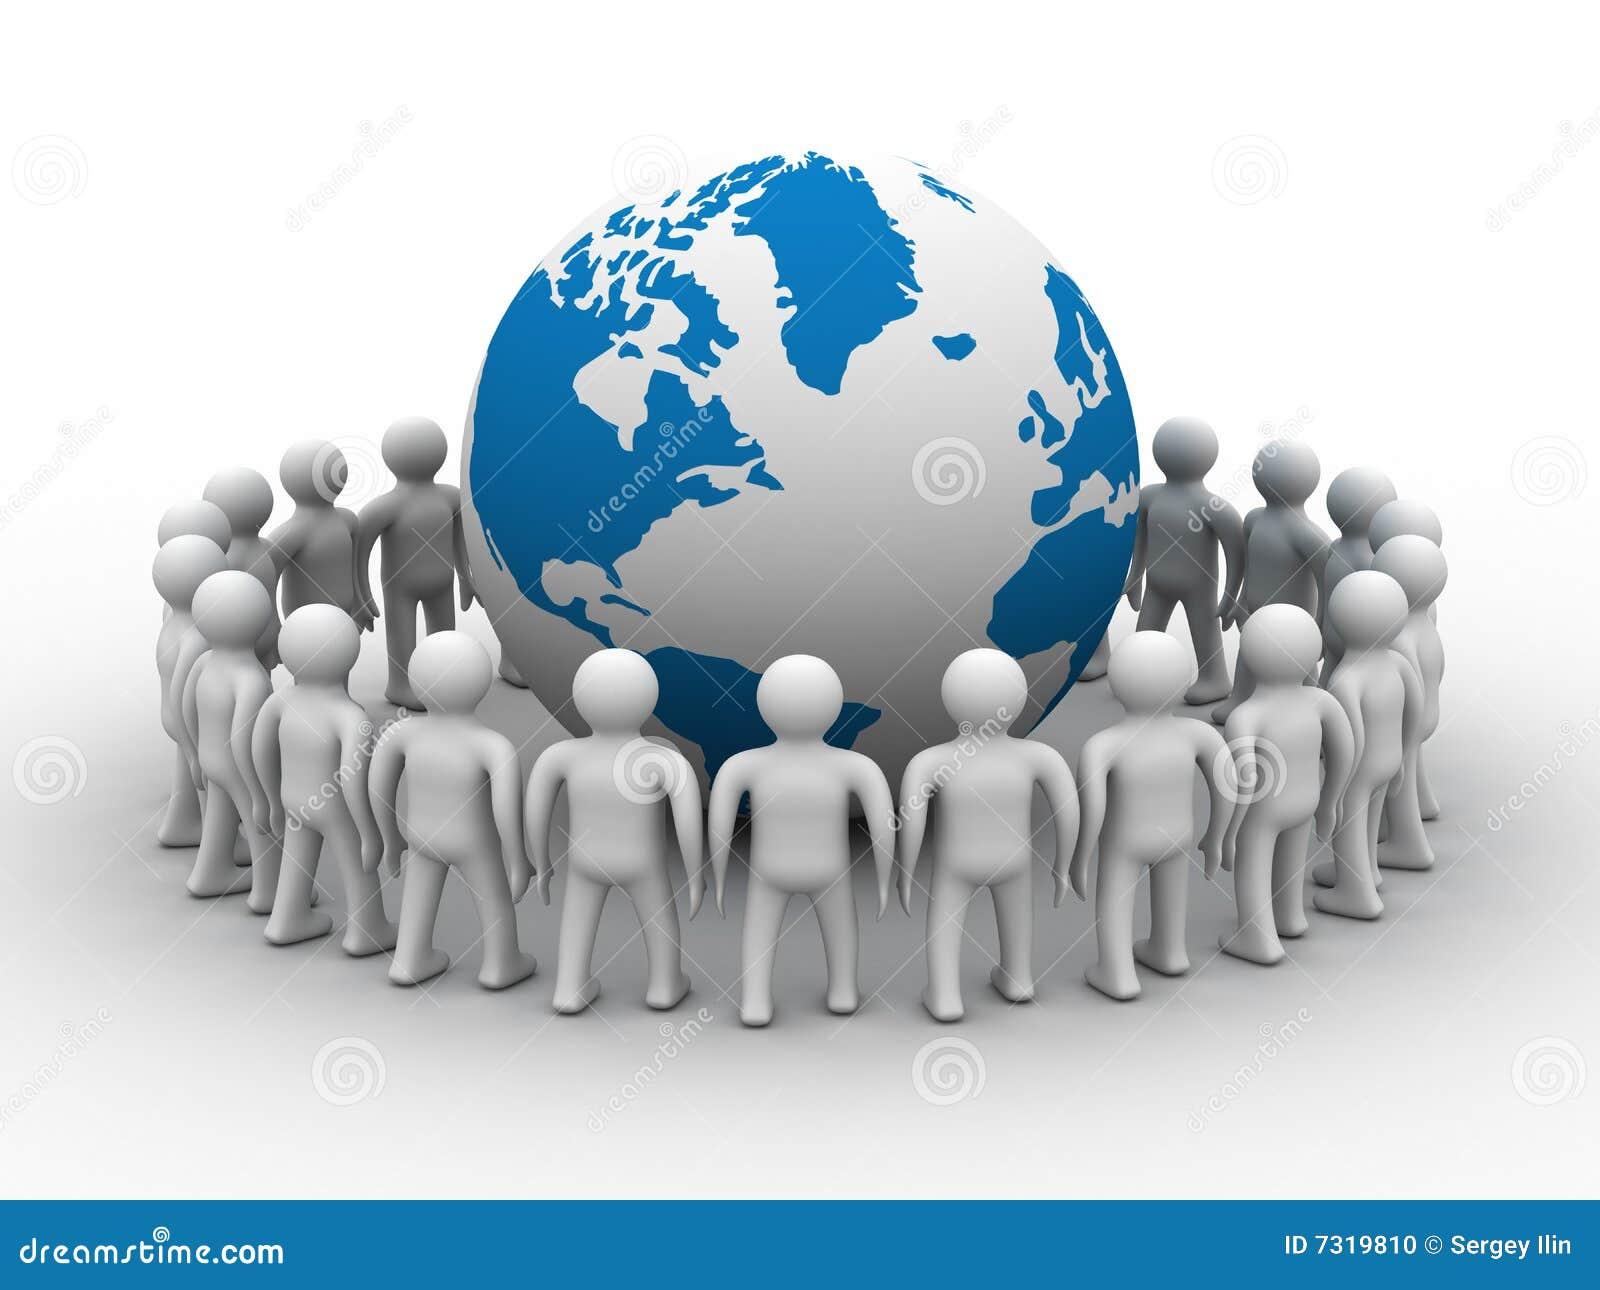 Gruppo di persone che si levano in piedi globo rotondo.